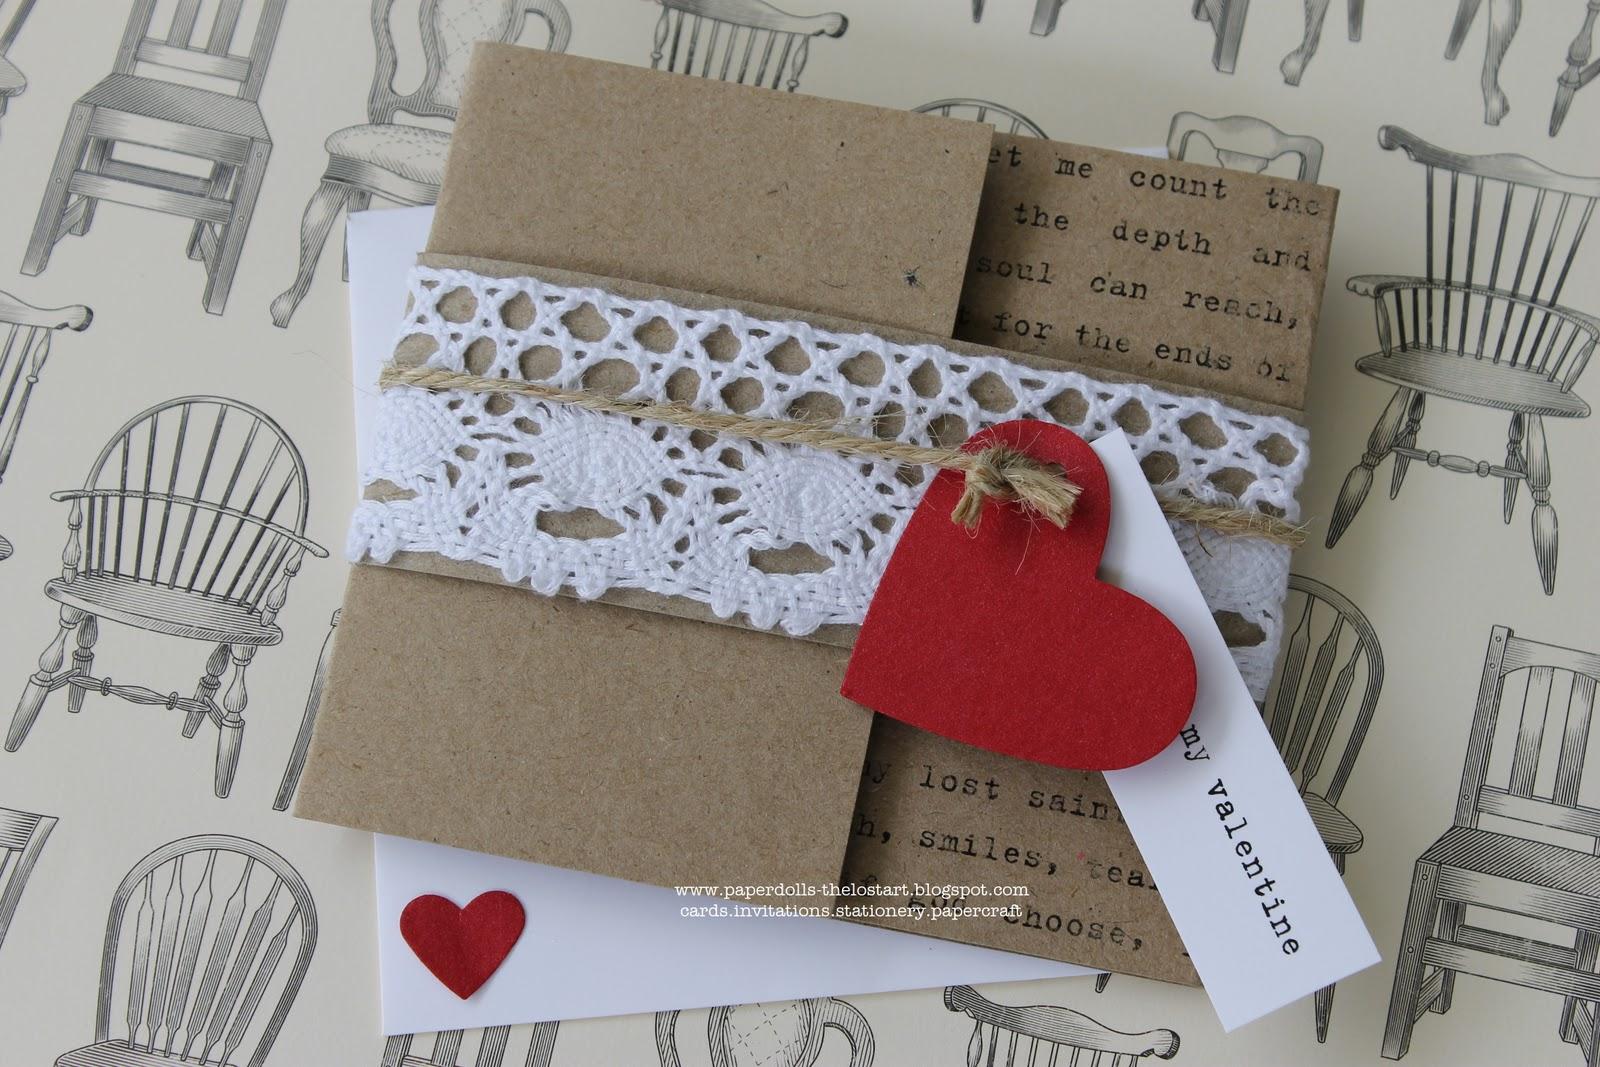 paperdollsweddings: Vintage Valentine Wedding Invitation